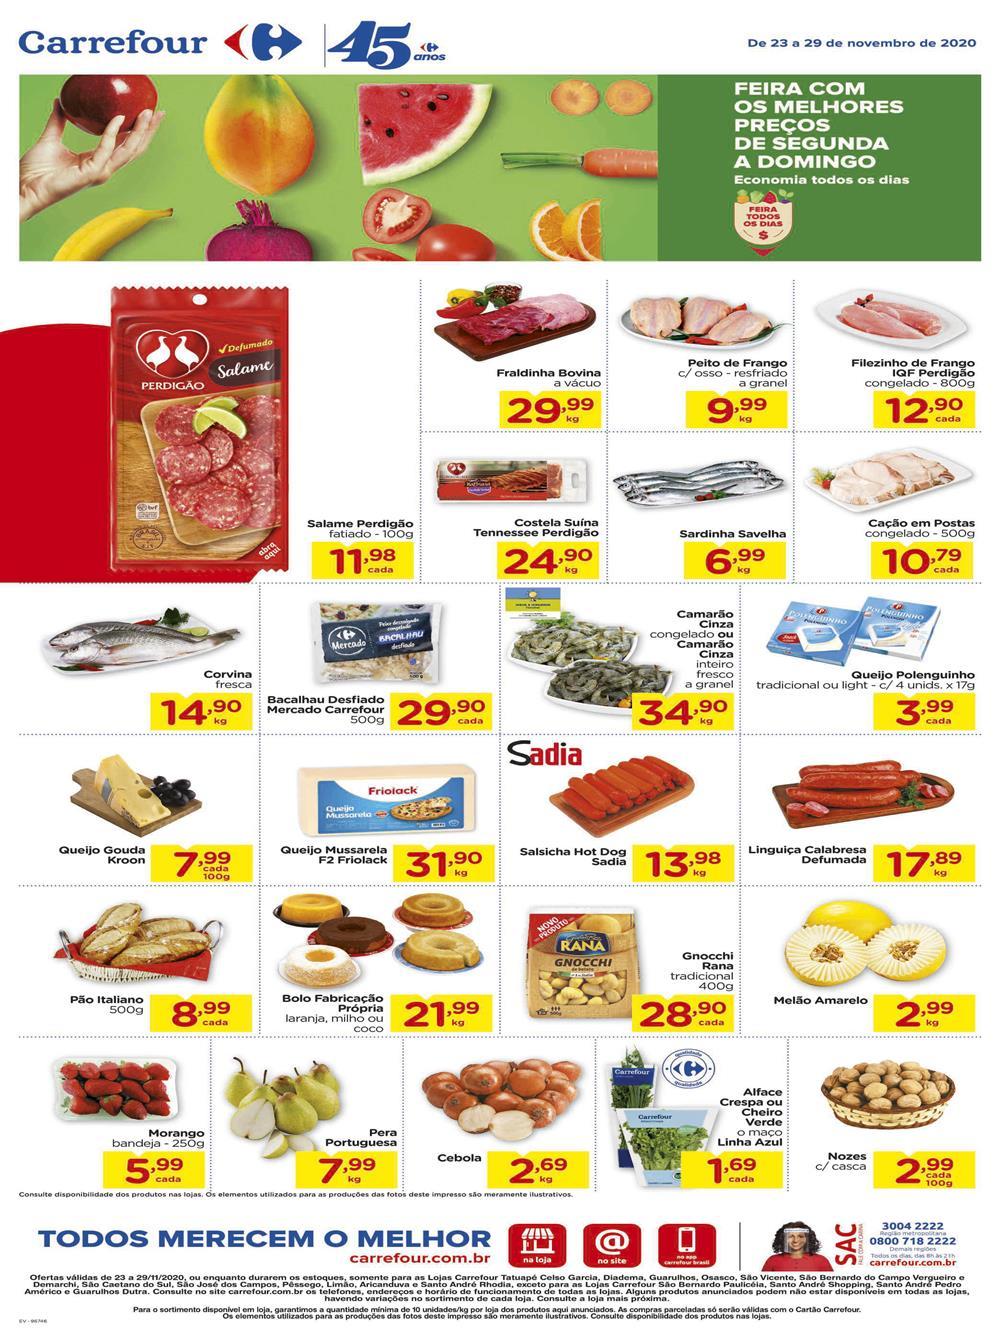 carrefour-ofertas-descontos-hoje7-5 Carrefour até 29/11